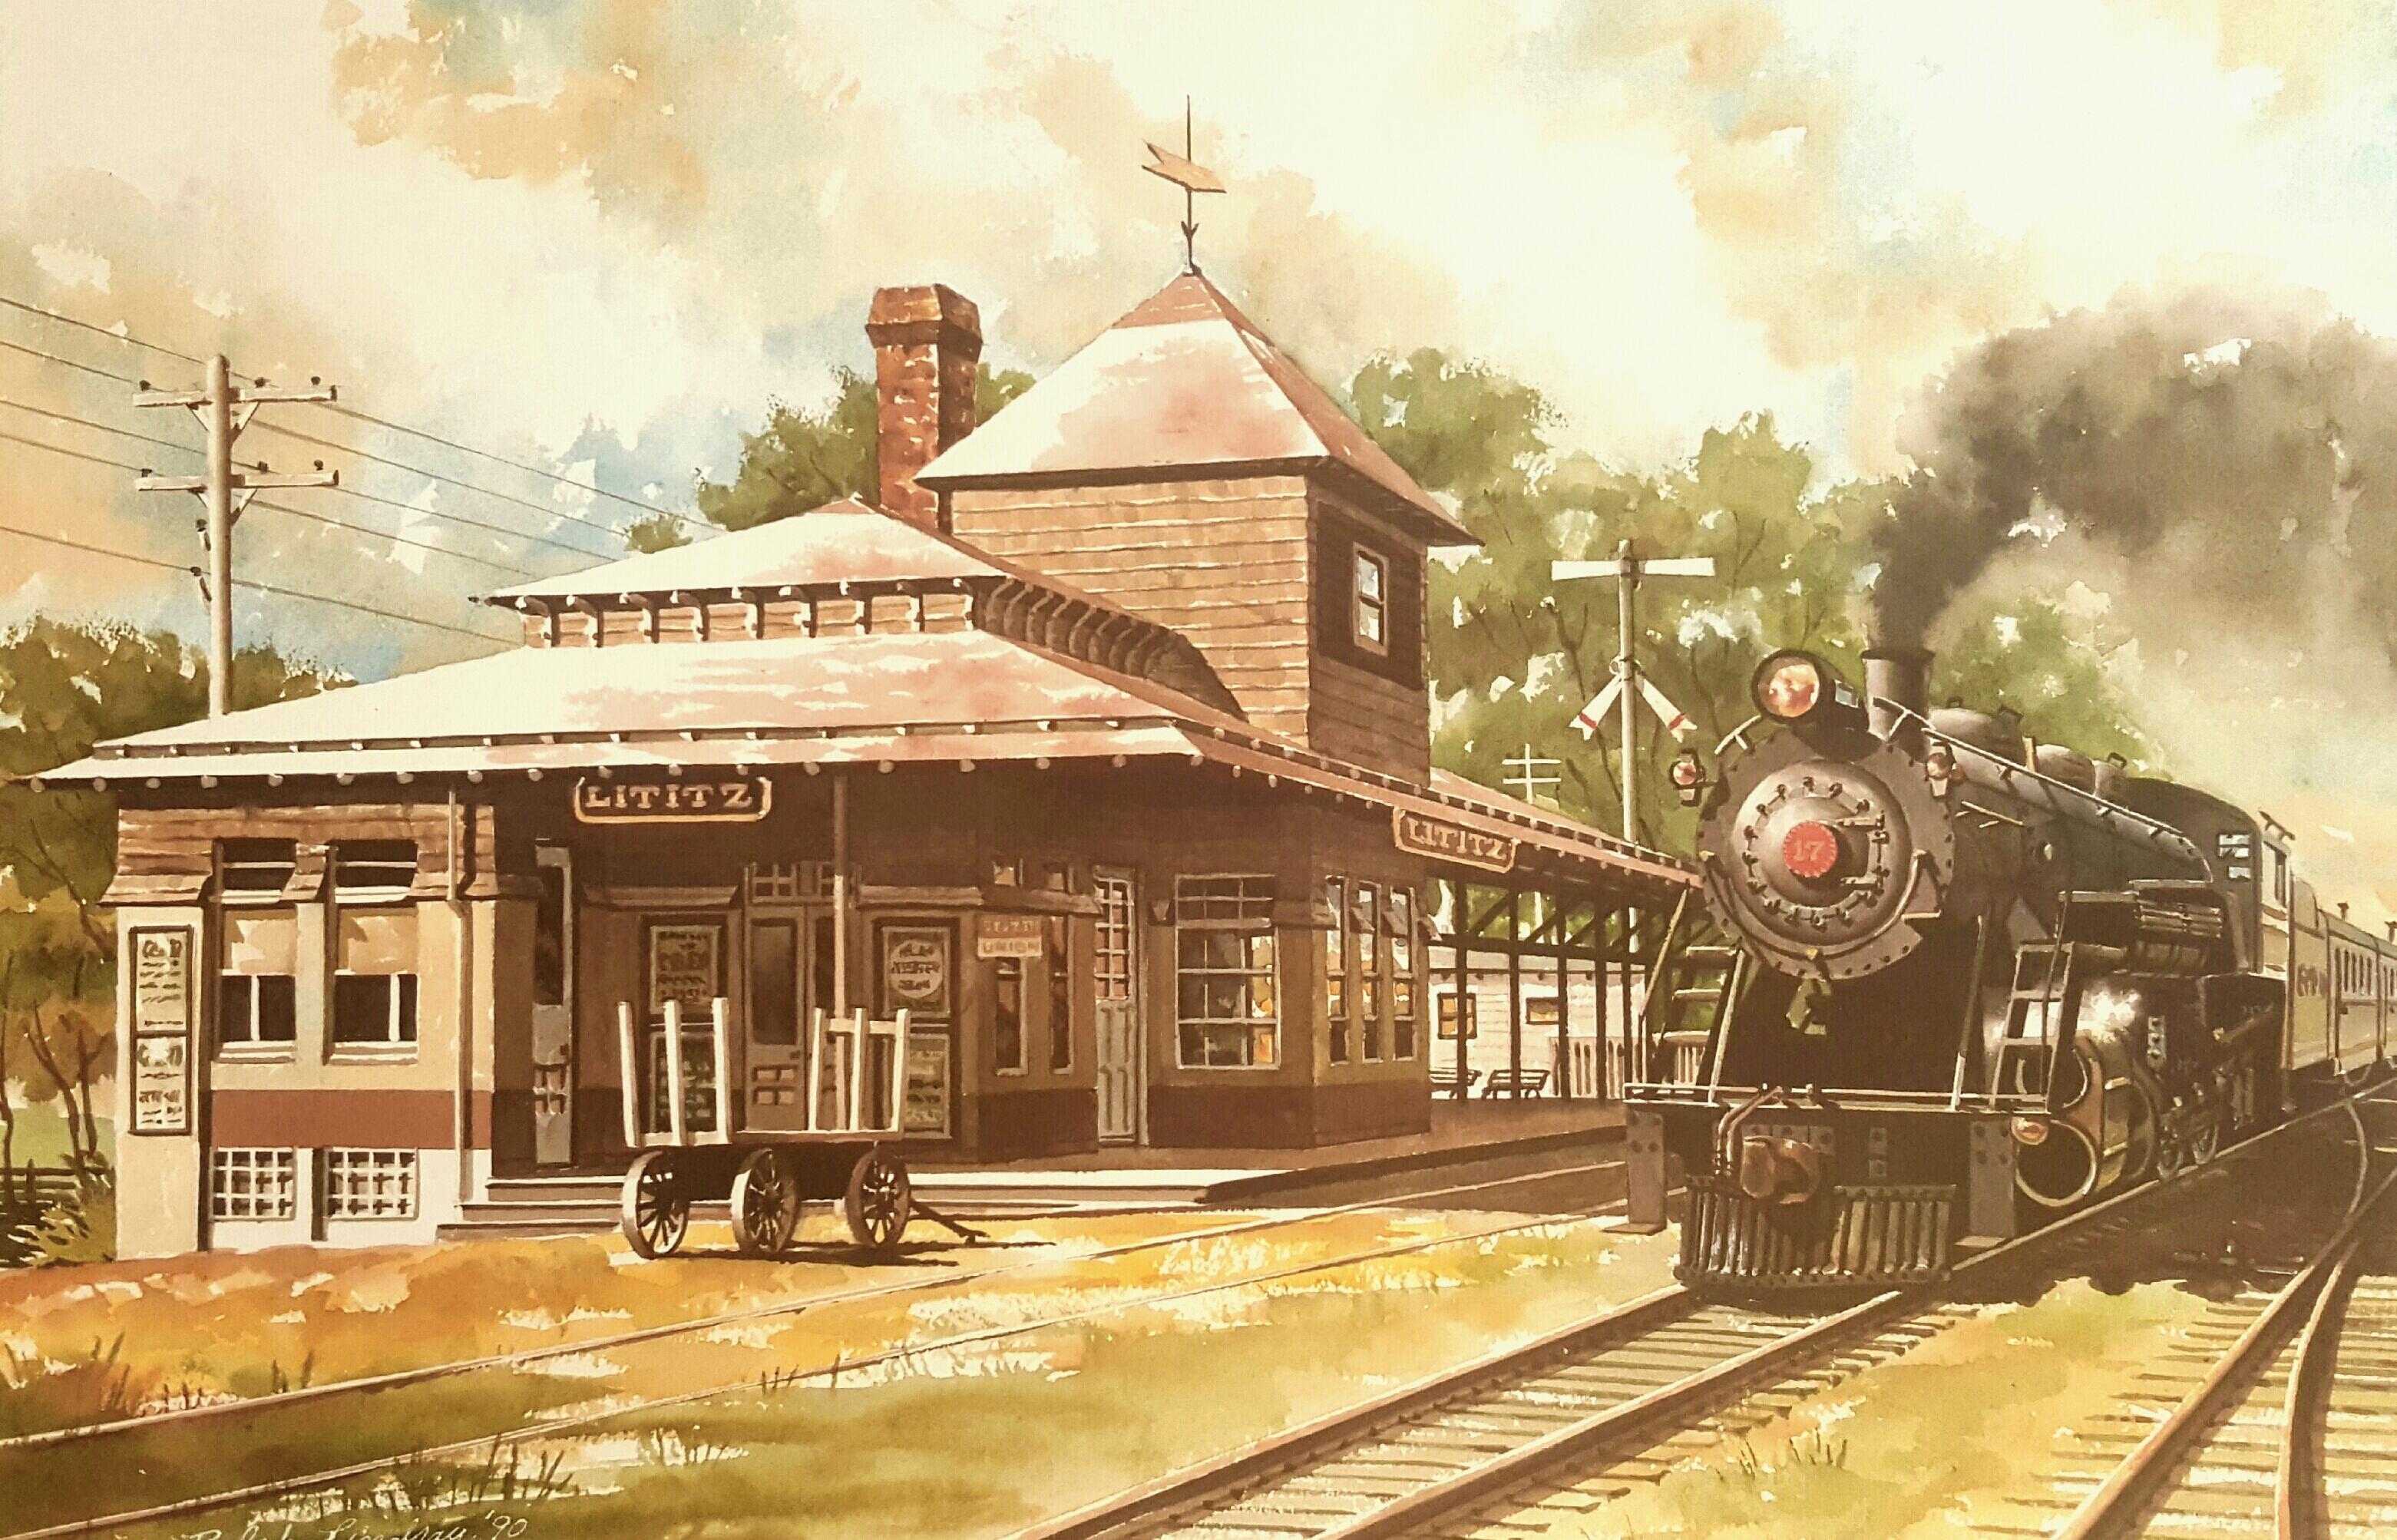 Lititz Station